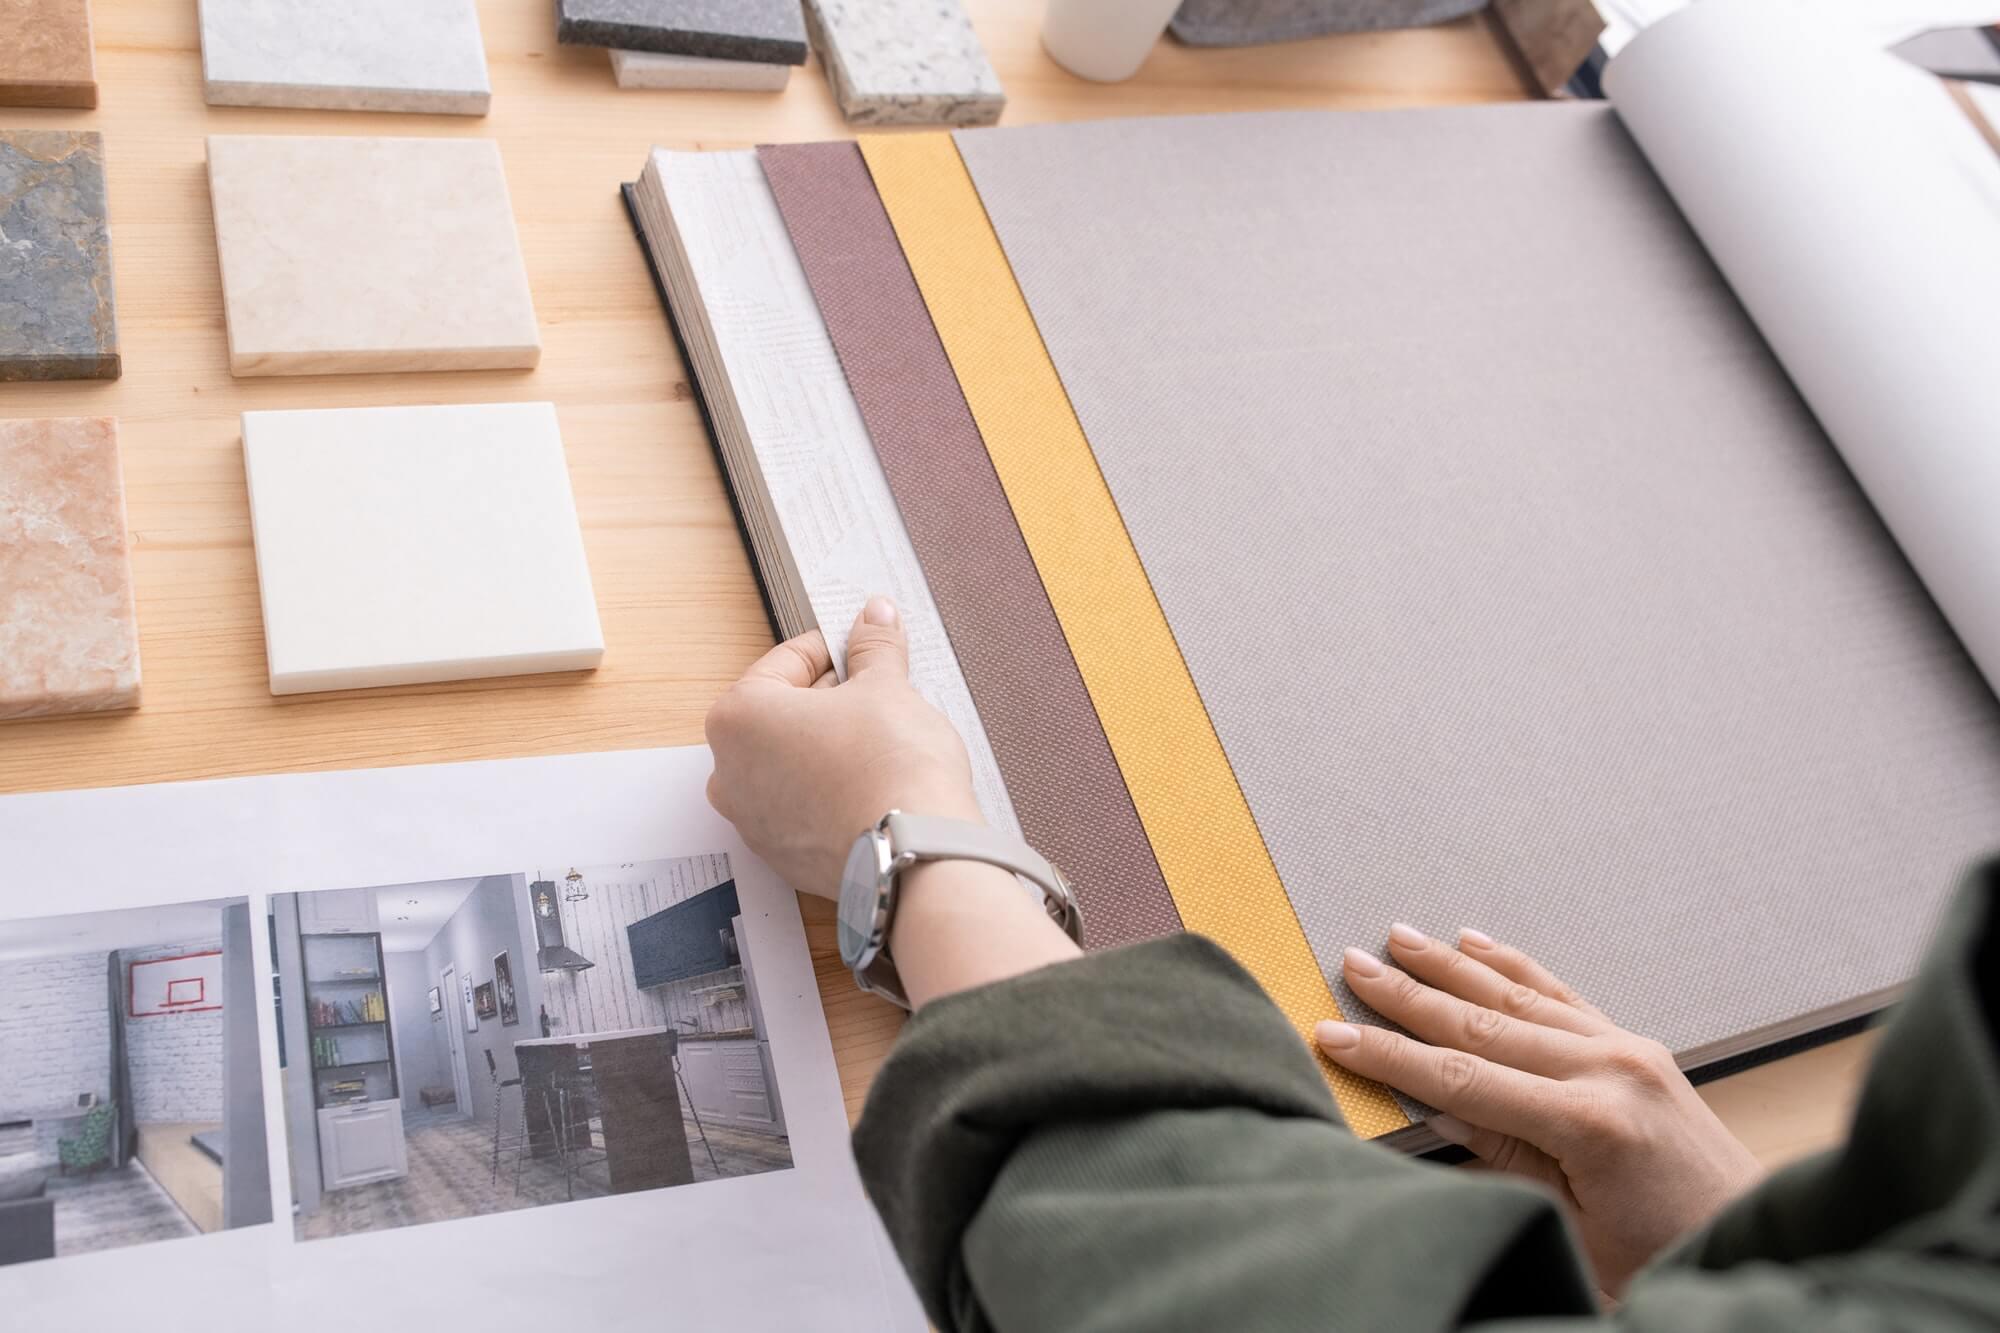 arte behangpapier kiezen bij videco schilderwerken bonheiden